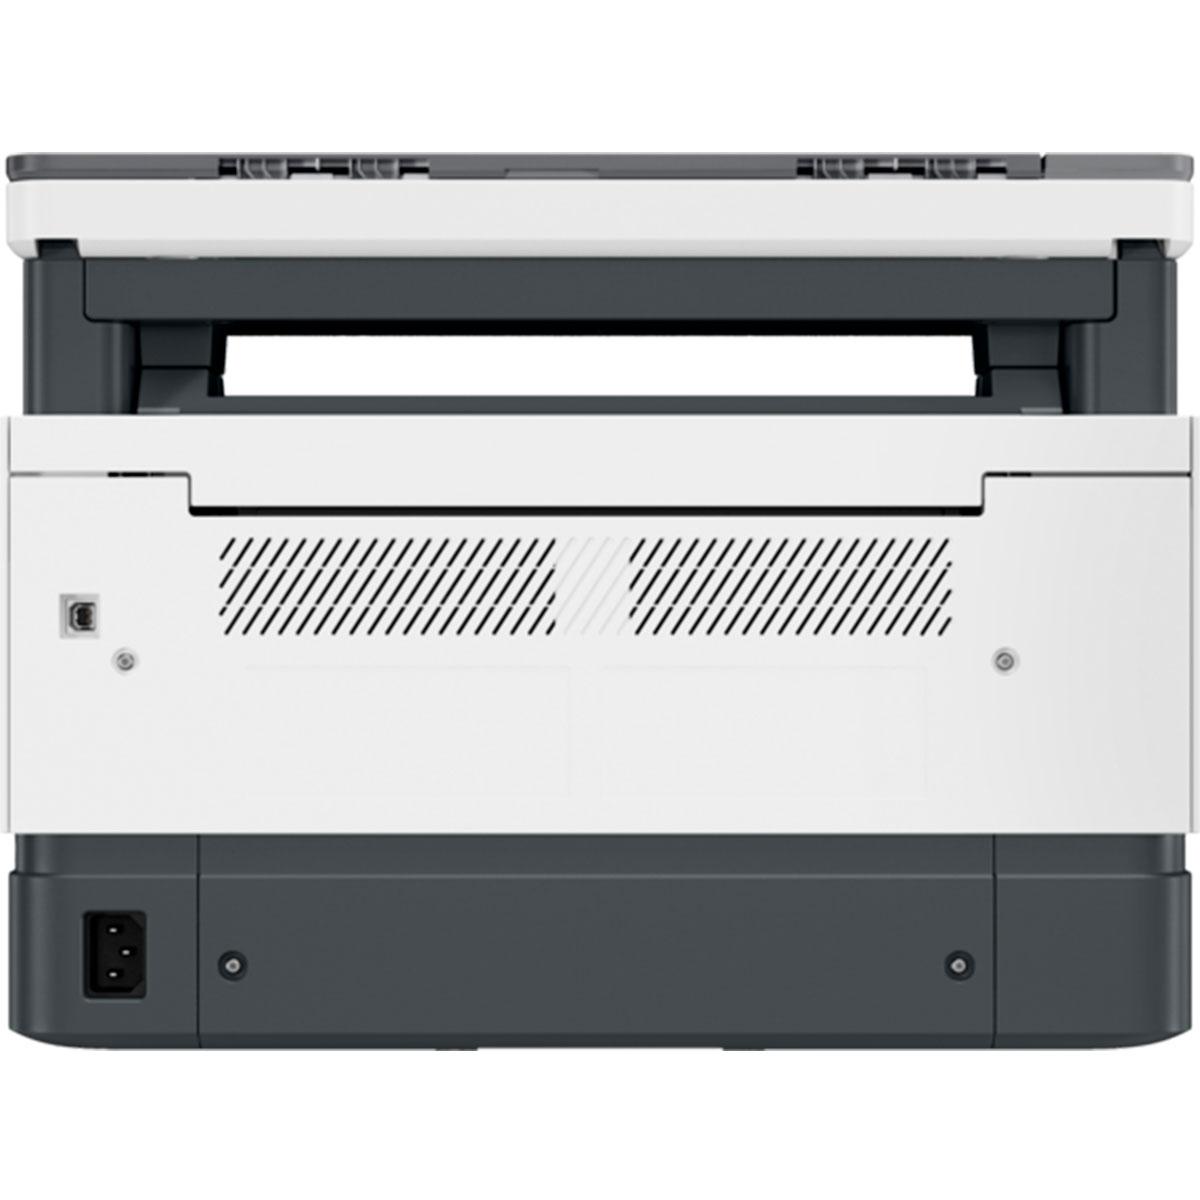 Impressora Multifuncional HP Neverstop Laser 1200A, Monovolt, Tanque de Toner - 110V